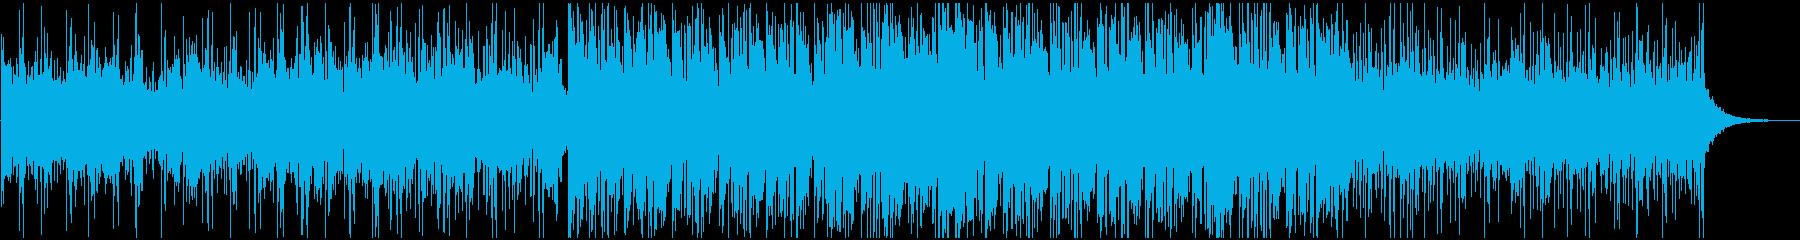 アート系クールな疾走アンビエントテクノの再生済みの波形